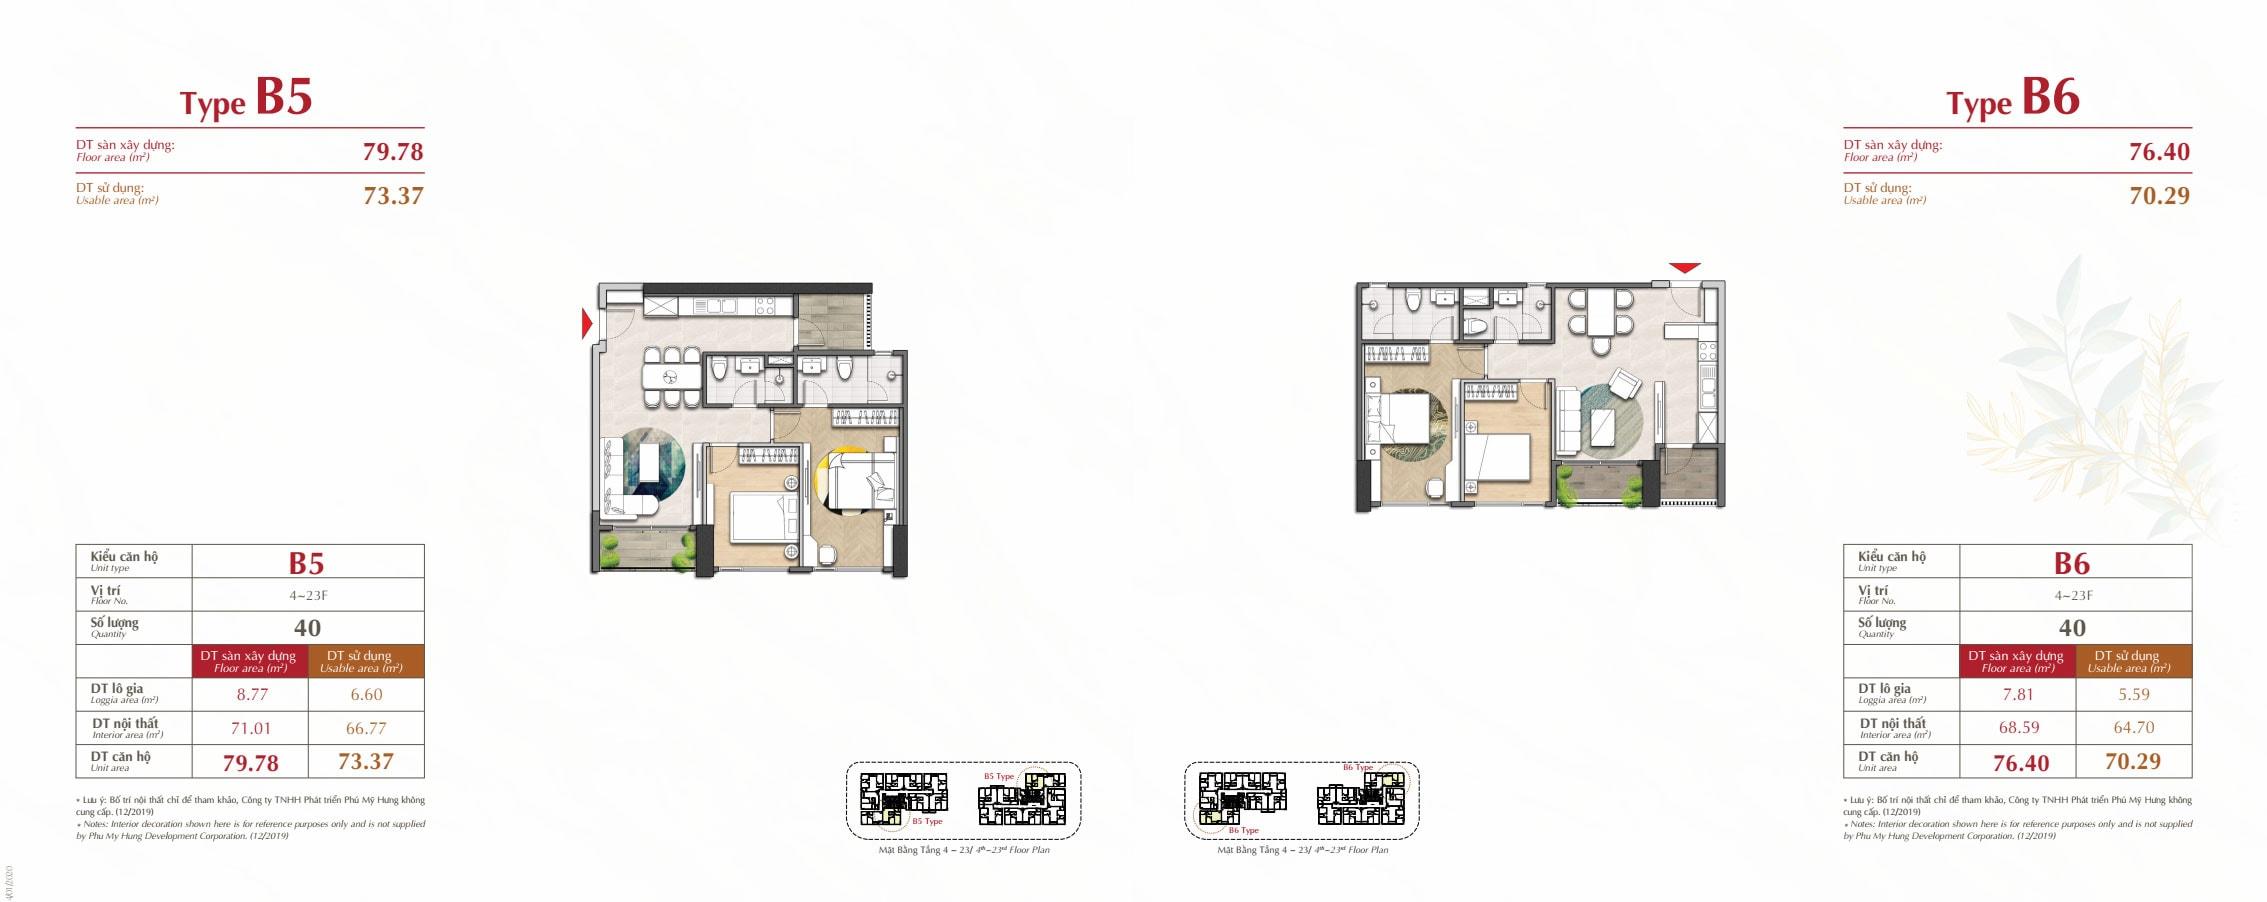 Kiểu nhà type b5 và b6 dự án Antonia Phú Mỹ Hưng